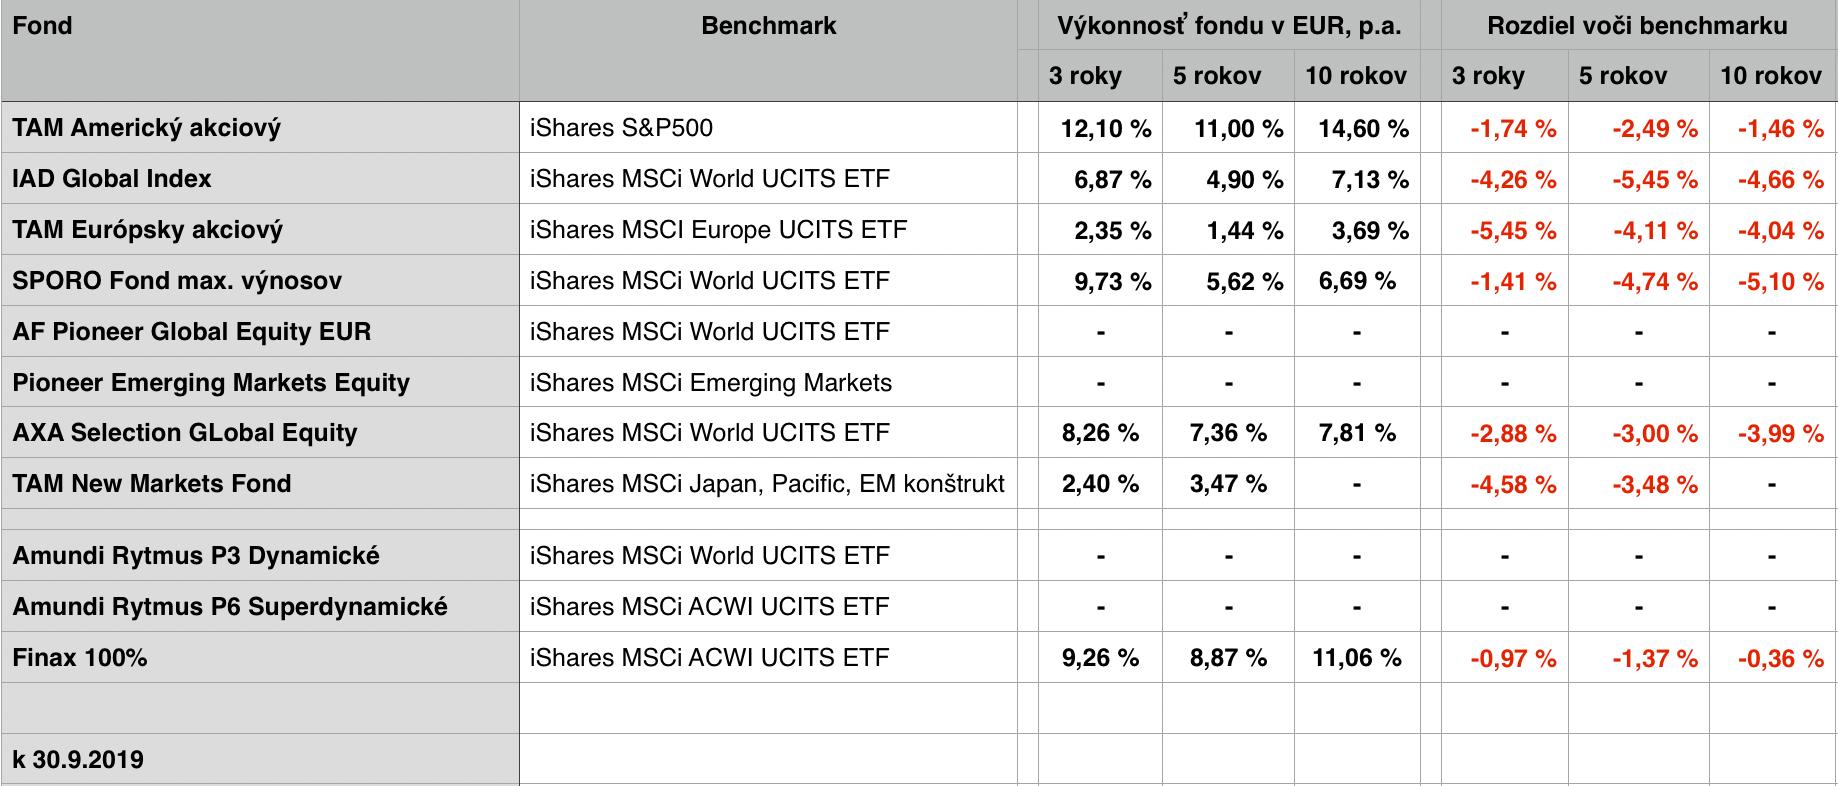 Akciové podielové fondy a porovnanie ich výkonnosti s benchmarkovými ETF.